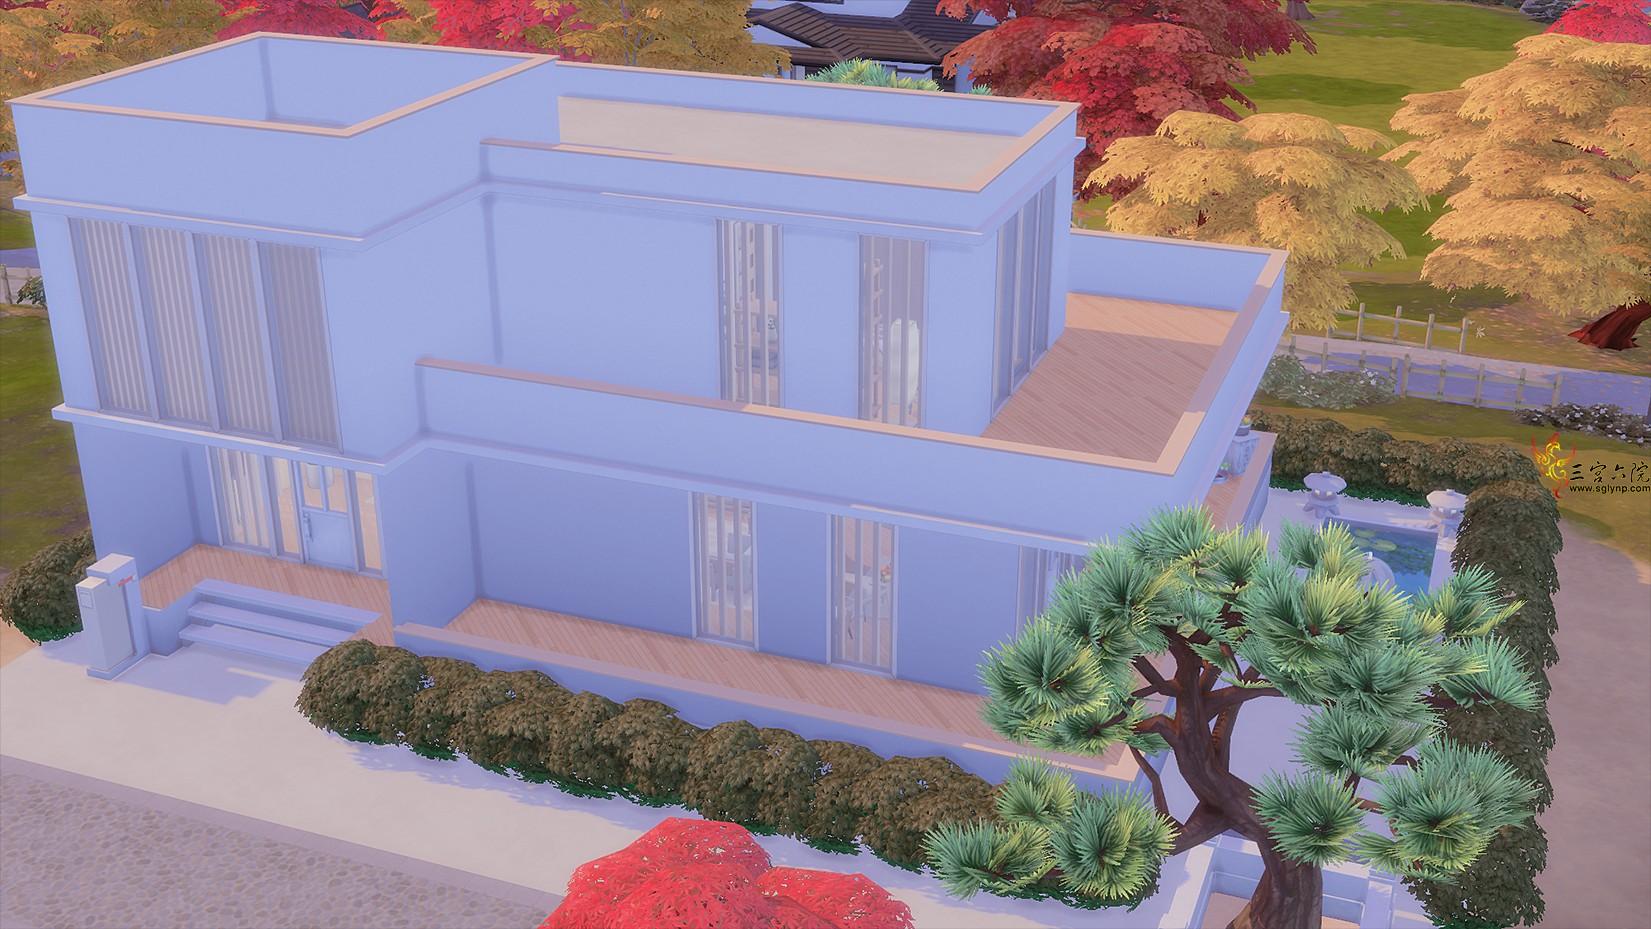 Sims 4 Screenshot 2021.02.14 - 14.05.59.75.png